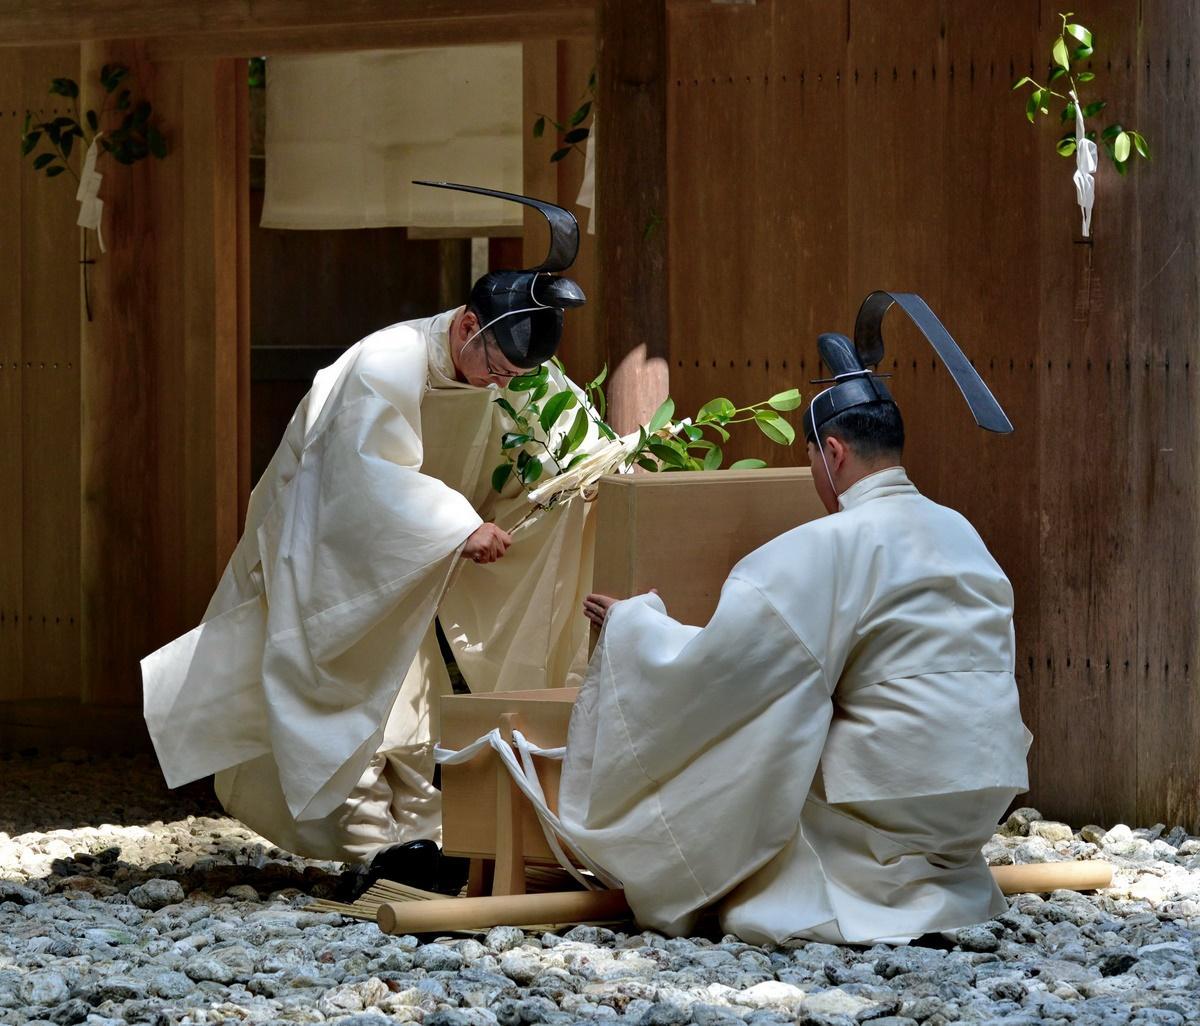 伊勢神宮125社で「風日祈祭」 風の神様に感謝しさらなる五穀豊穣を祈願